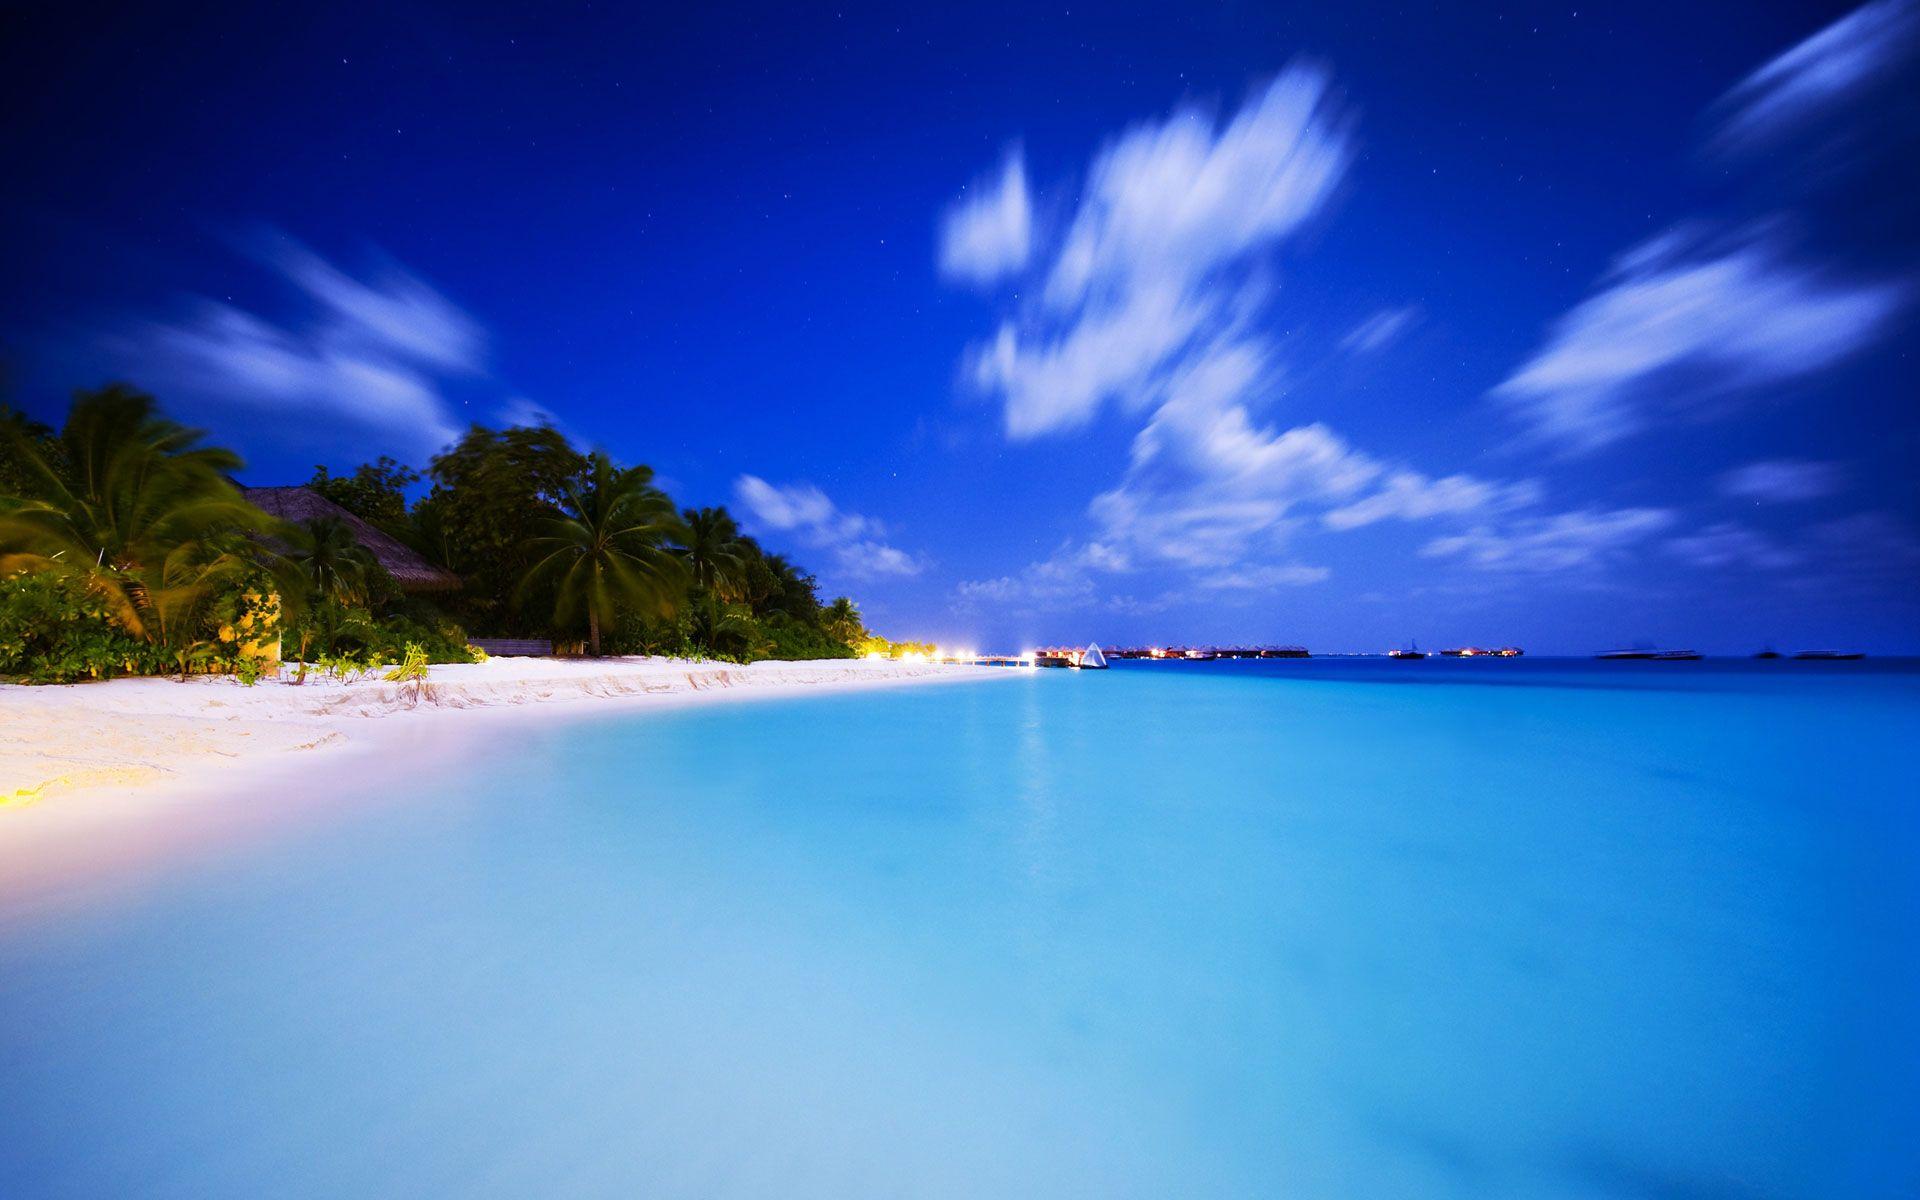 Tropical Paradise Beach Hd Wallpaper For Nexus 7 Screens: Paradise Tropical Island HD Wallpaper